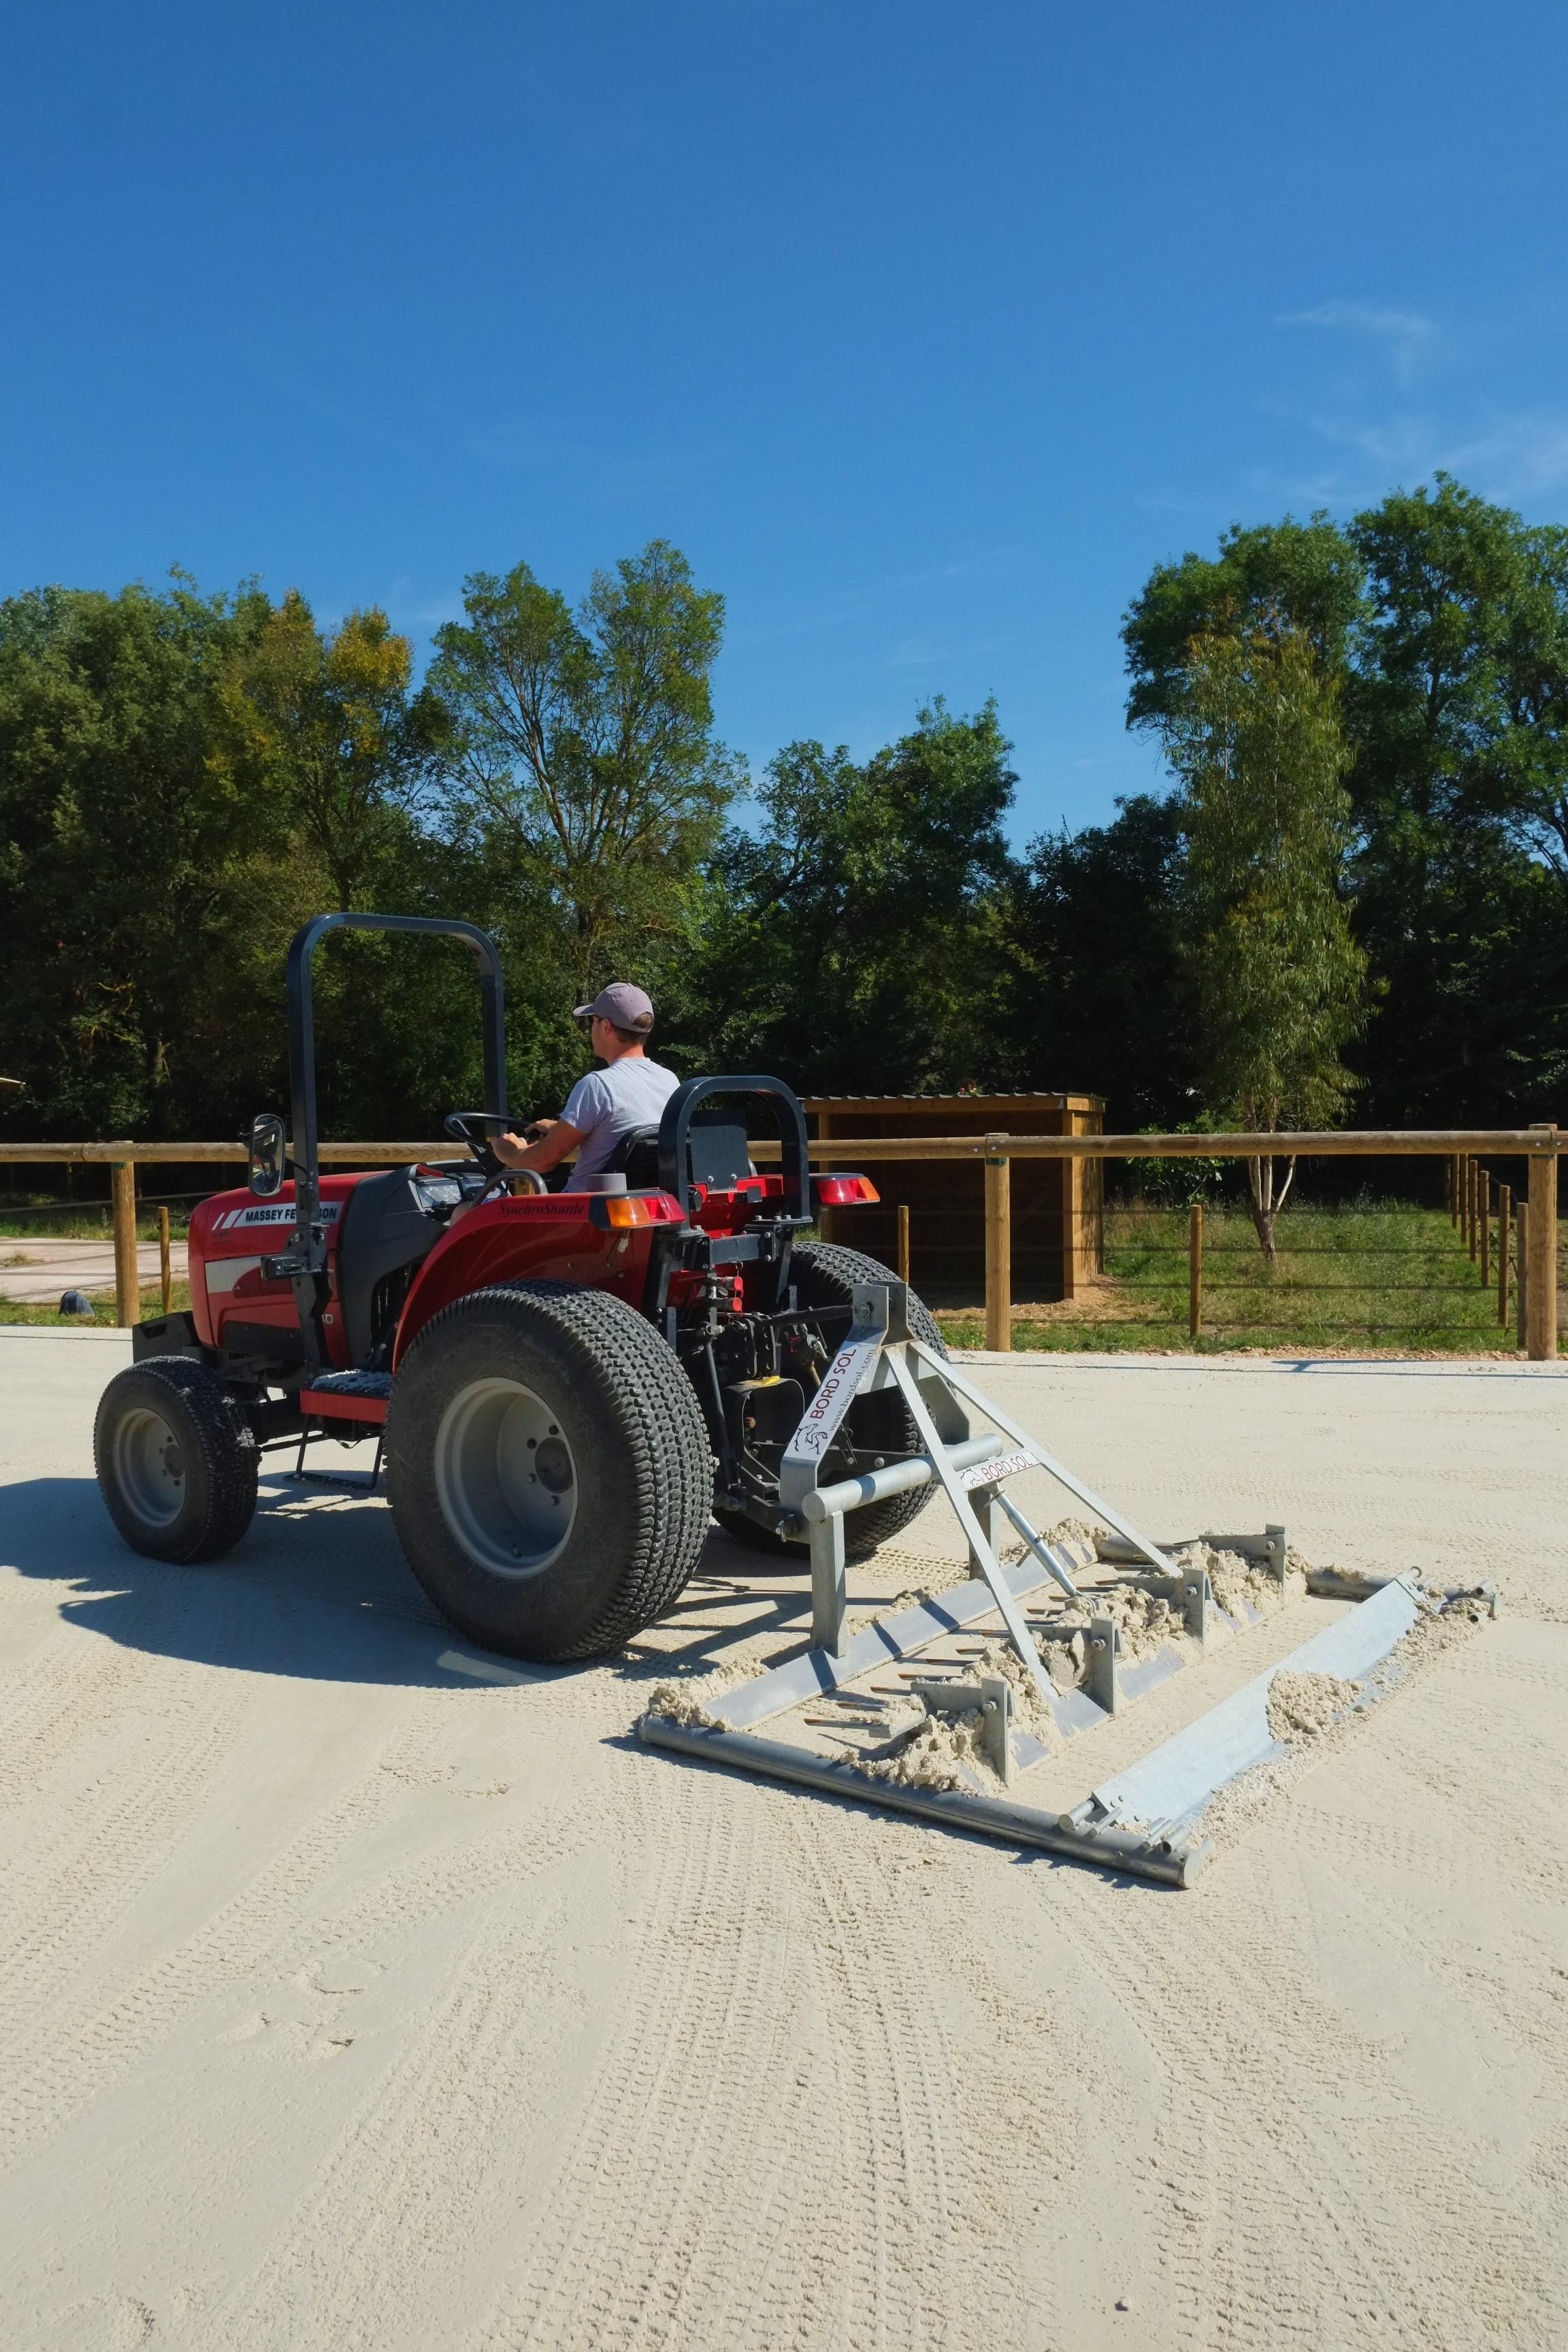 Tracteur Herse Barre Bordsol Entretien Quotidien Carrière Concours